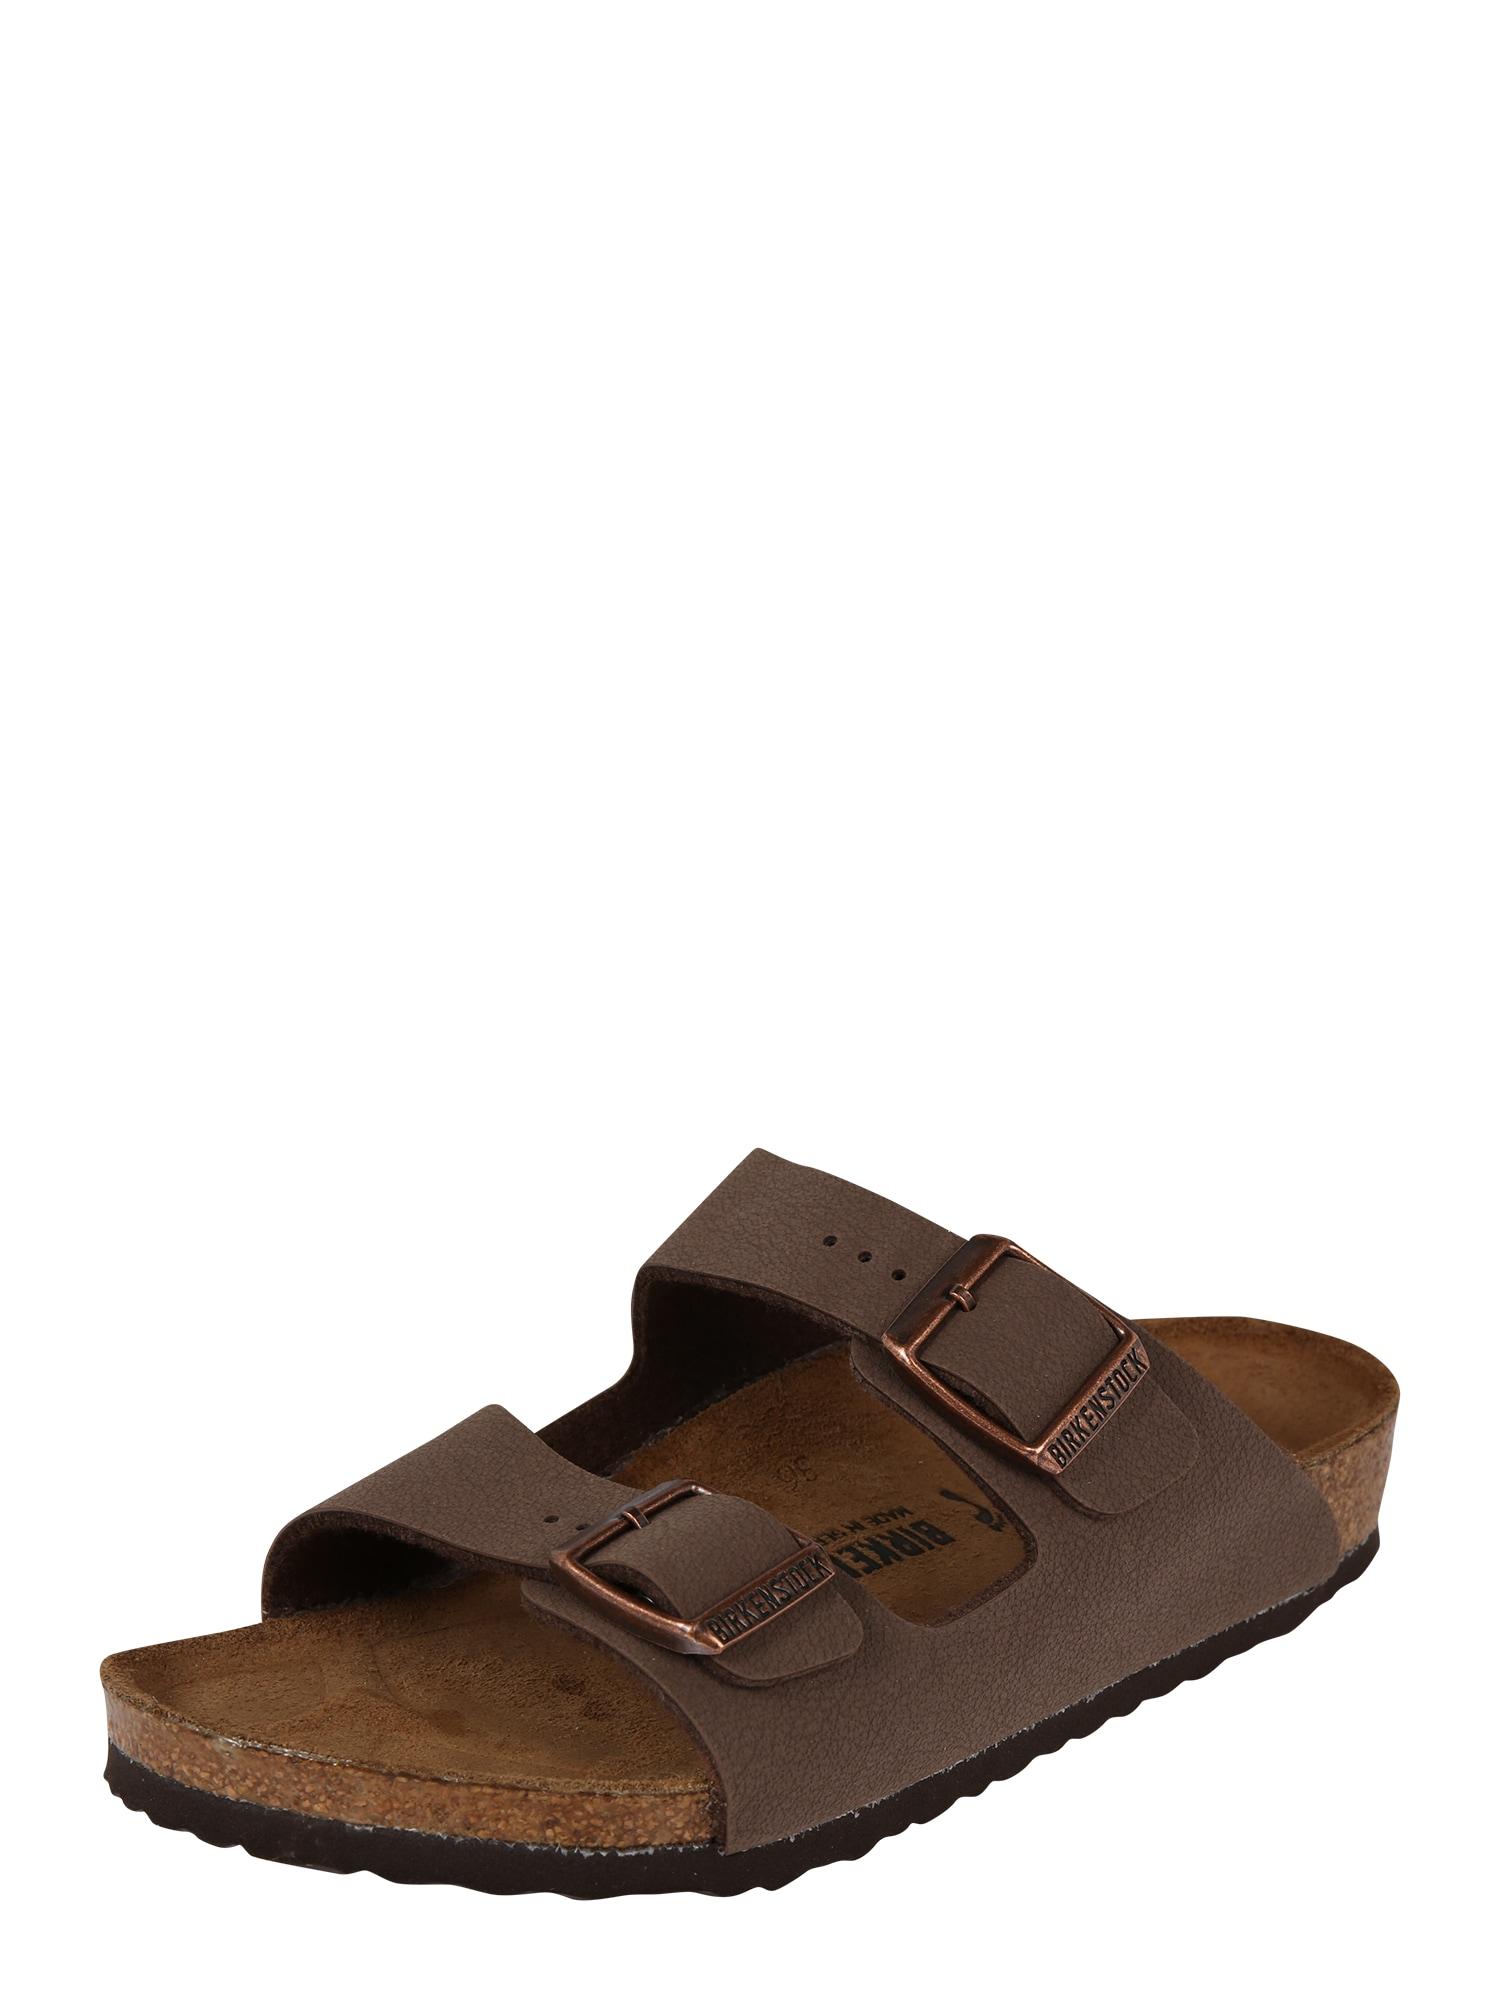 Otevřená obuv Arizona BF hnědá BIRKENSTOCK